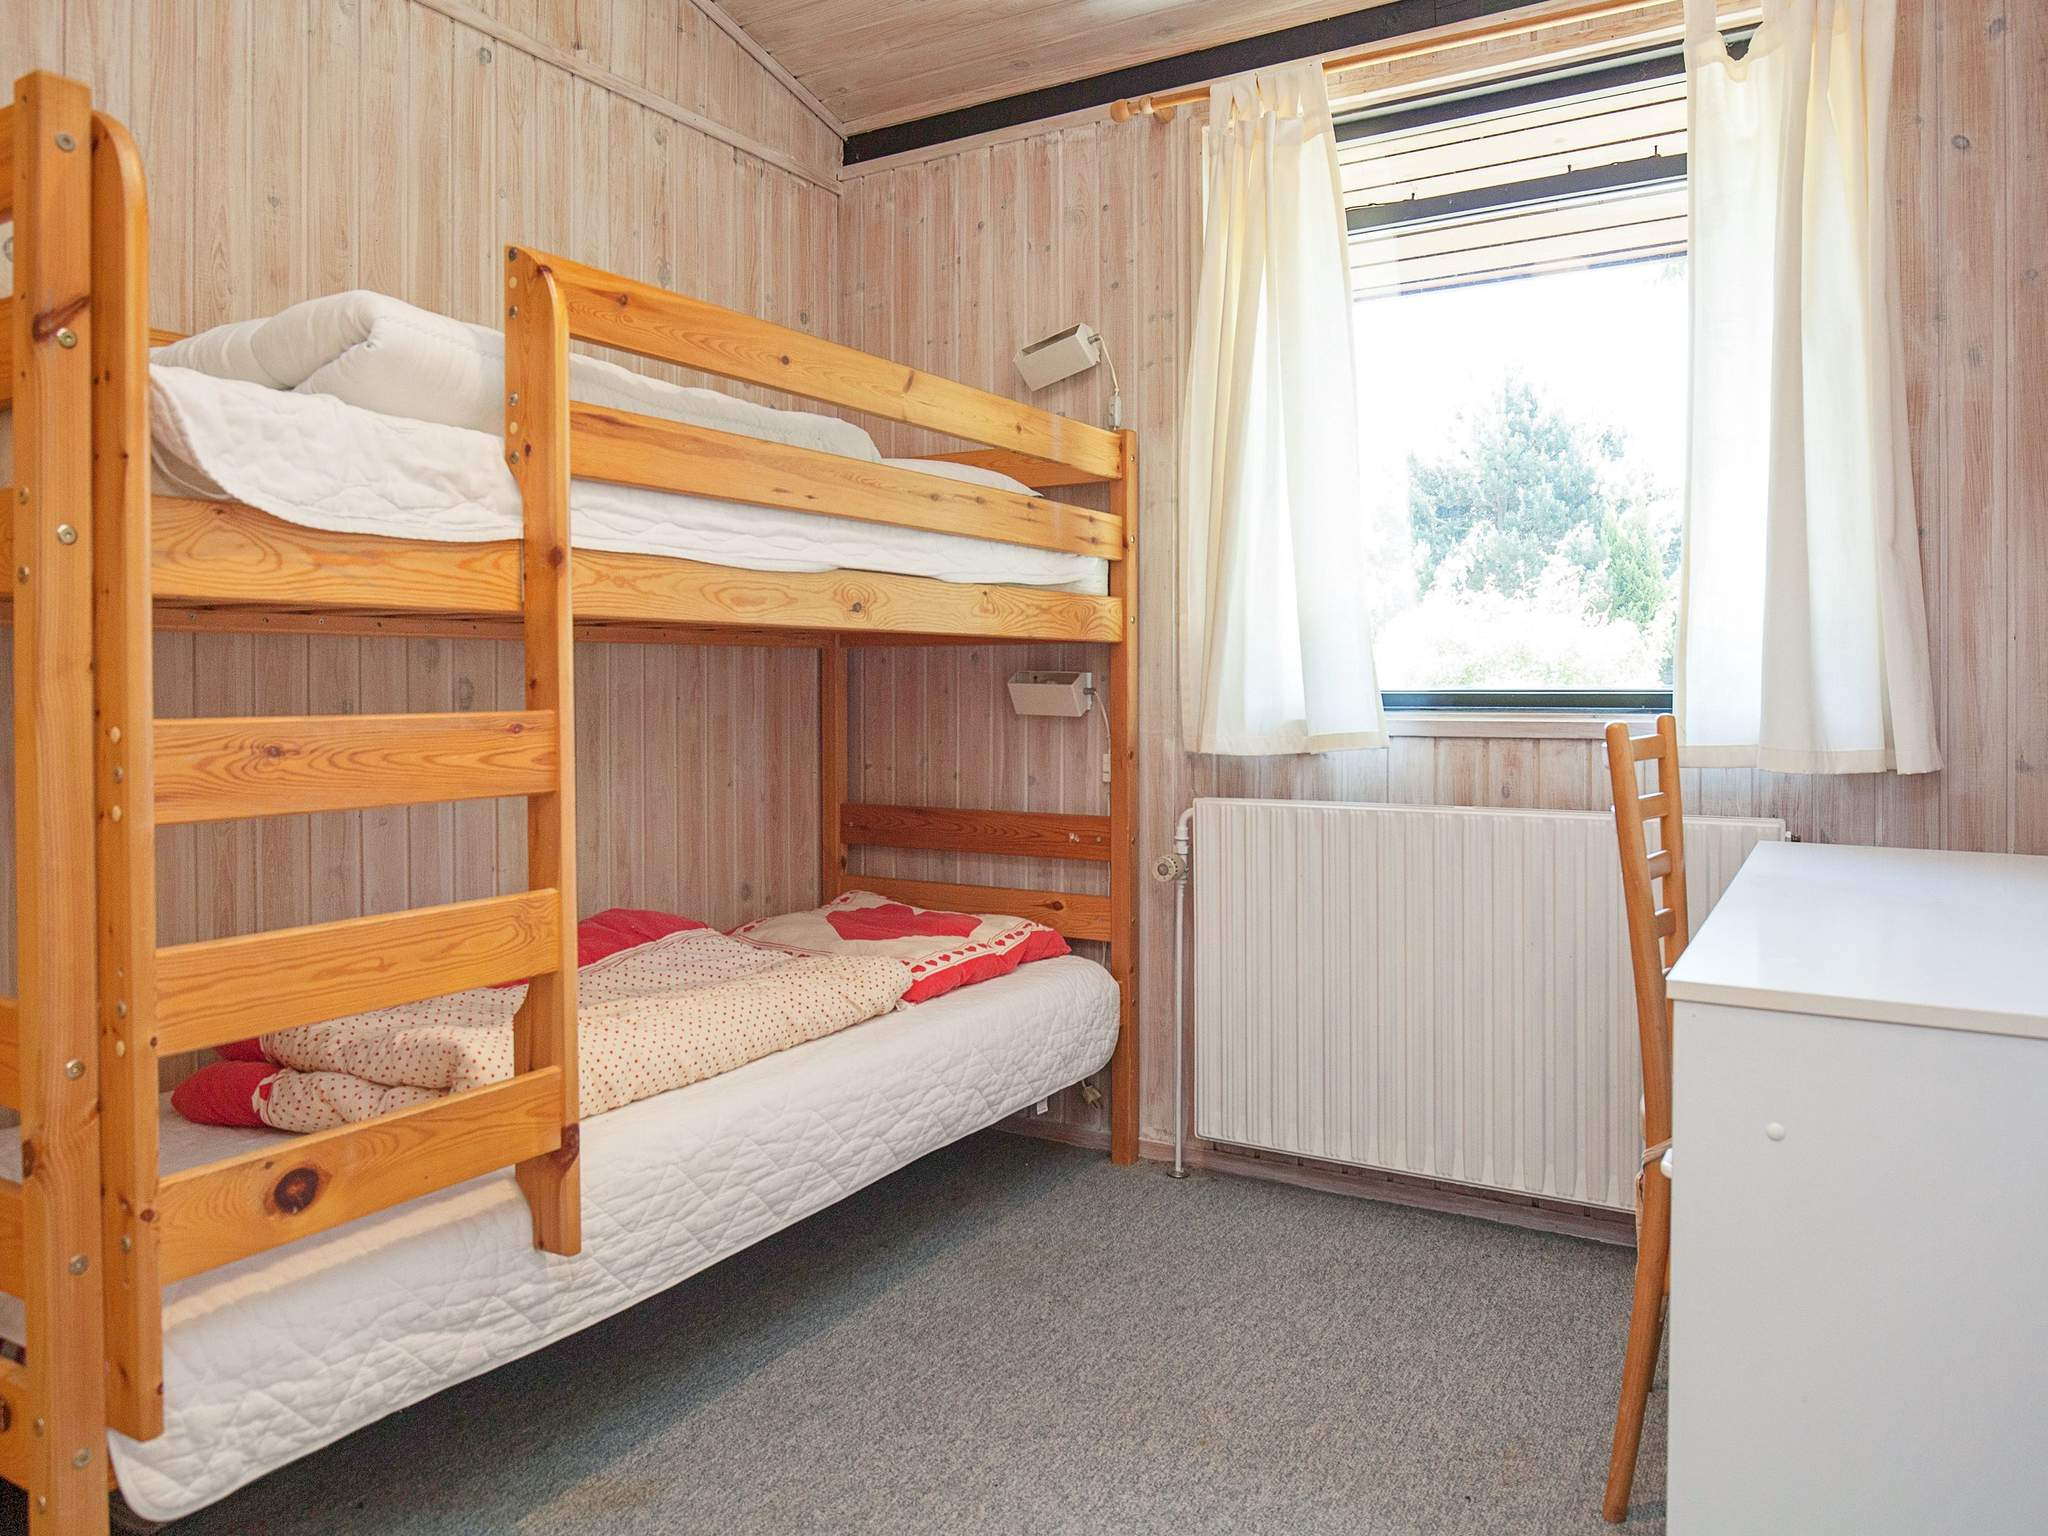 Ferienhaus Bakkebølle Strand (83949), Bakkebølle Strand, , Südseeland, Dänemark, Bild 3